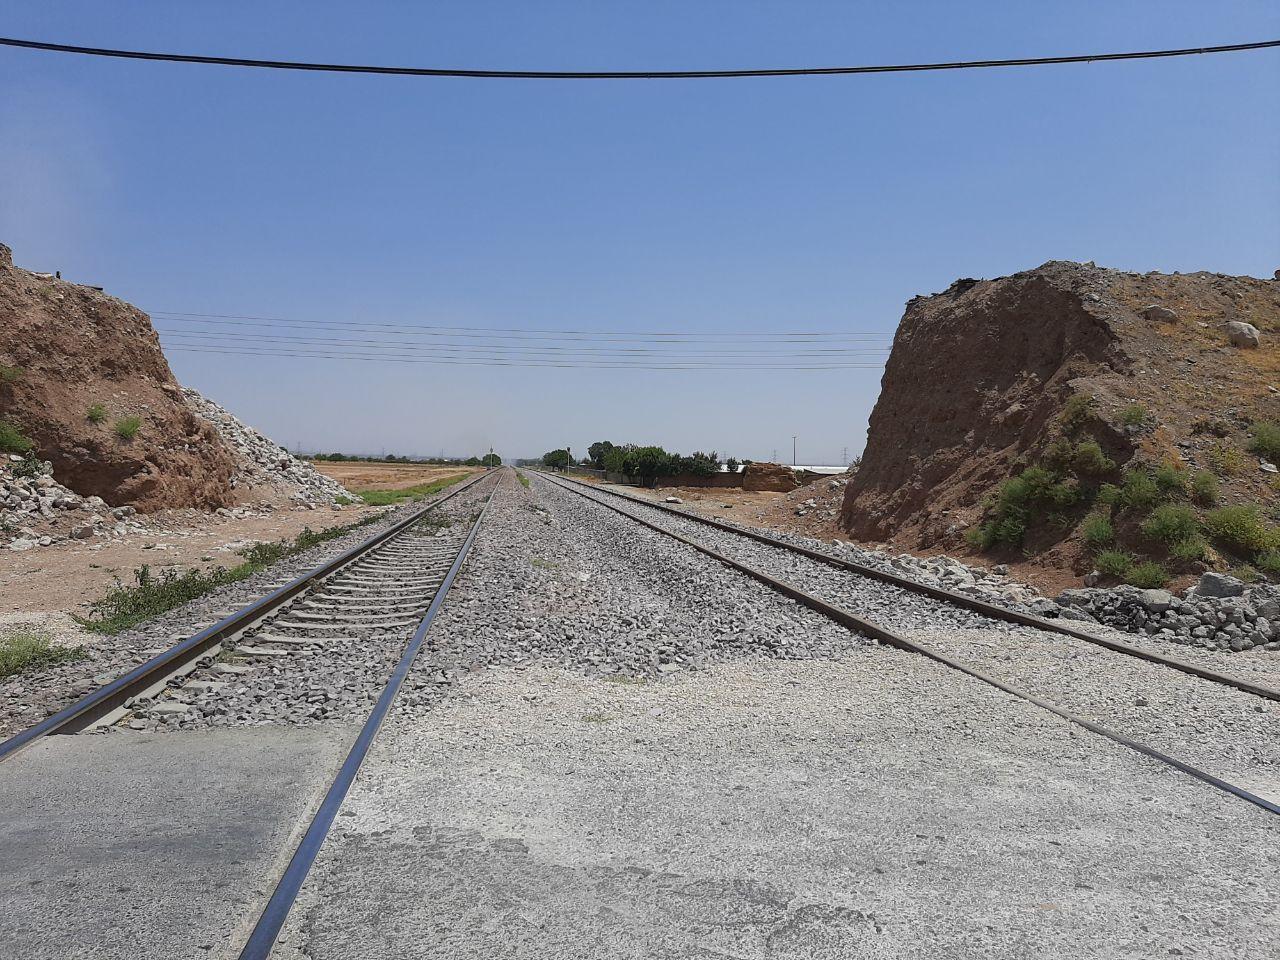 رفع مسدودی از خط راهآهن پس از آغاز عملیات احداث پل روگذر